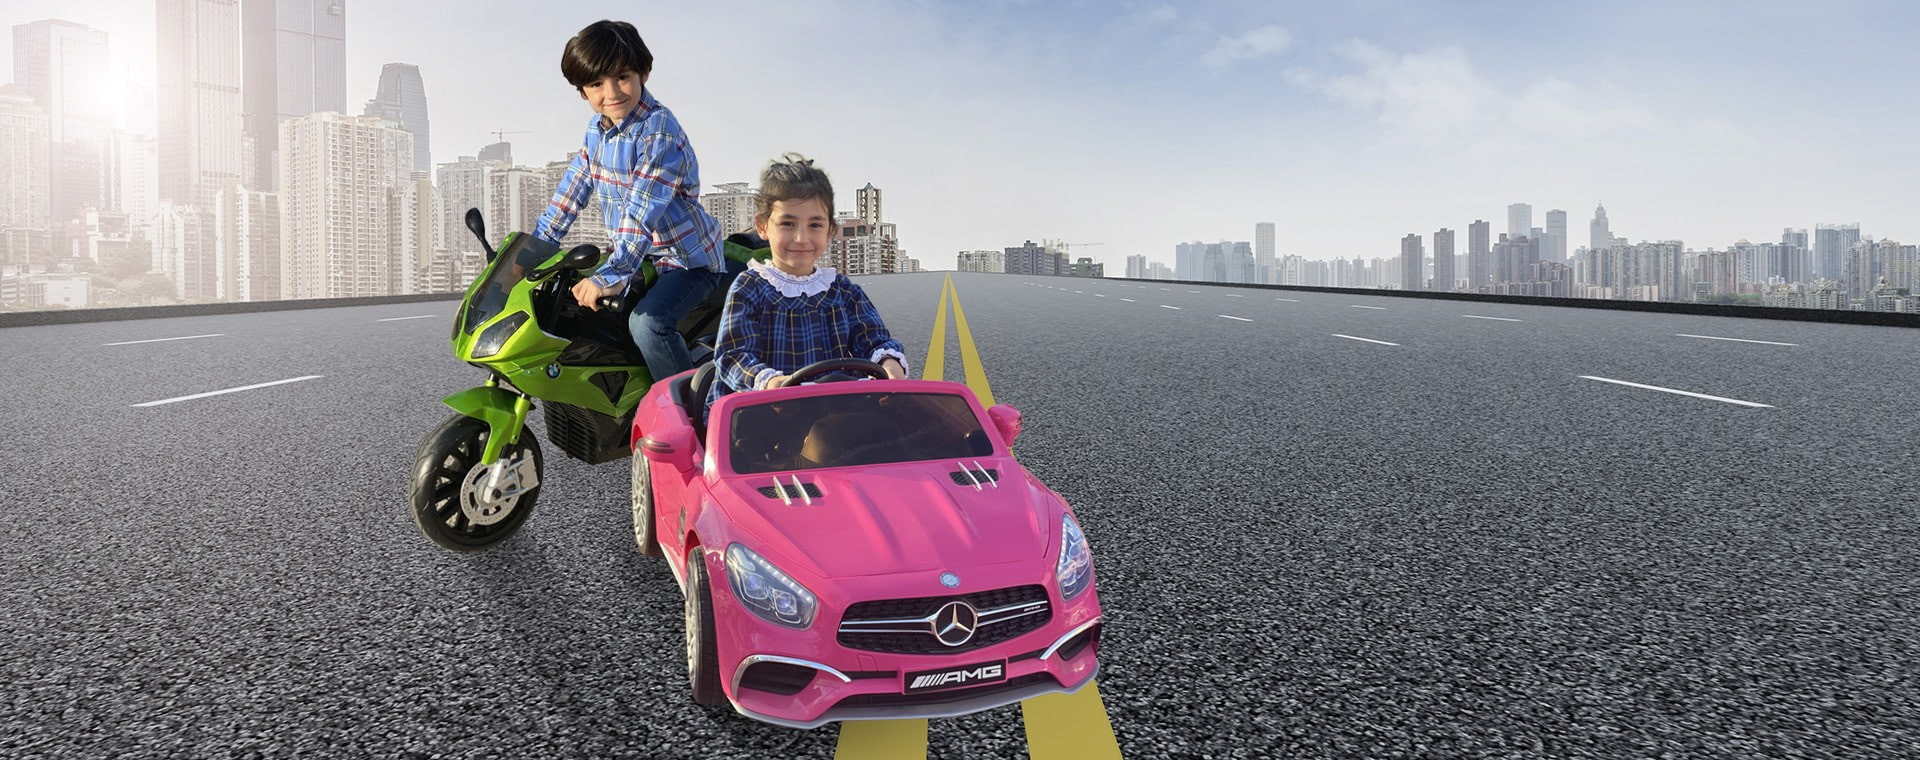 Coches y motos electricos para niños